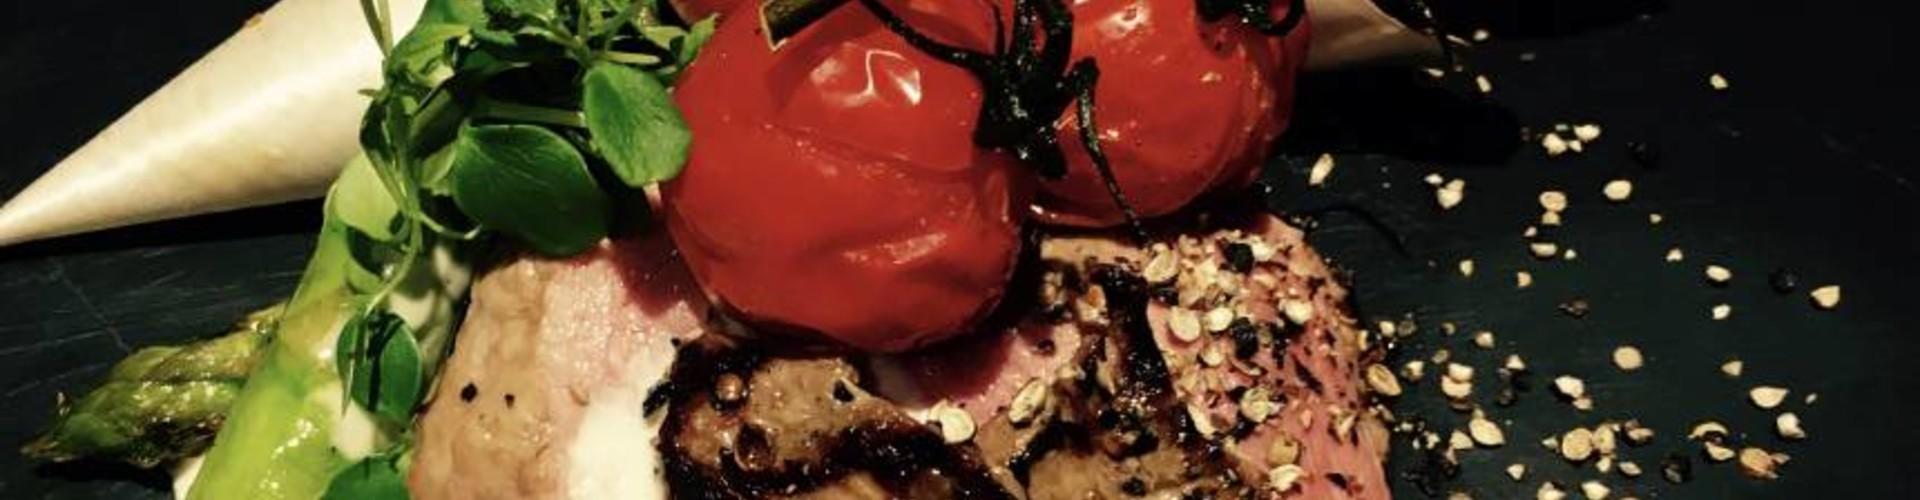 Zebra steaks met kerrie Hollandaise saus